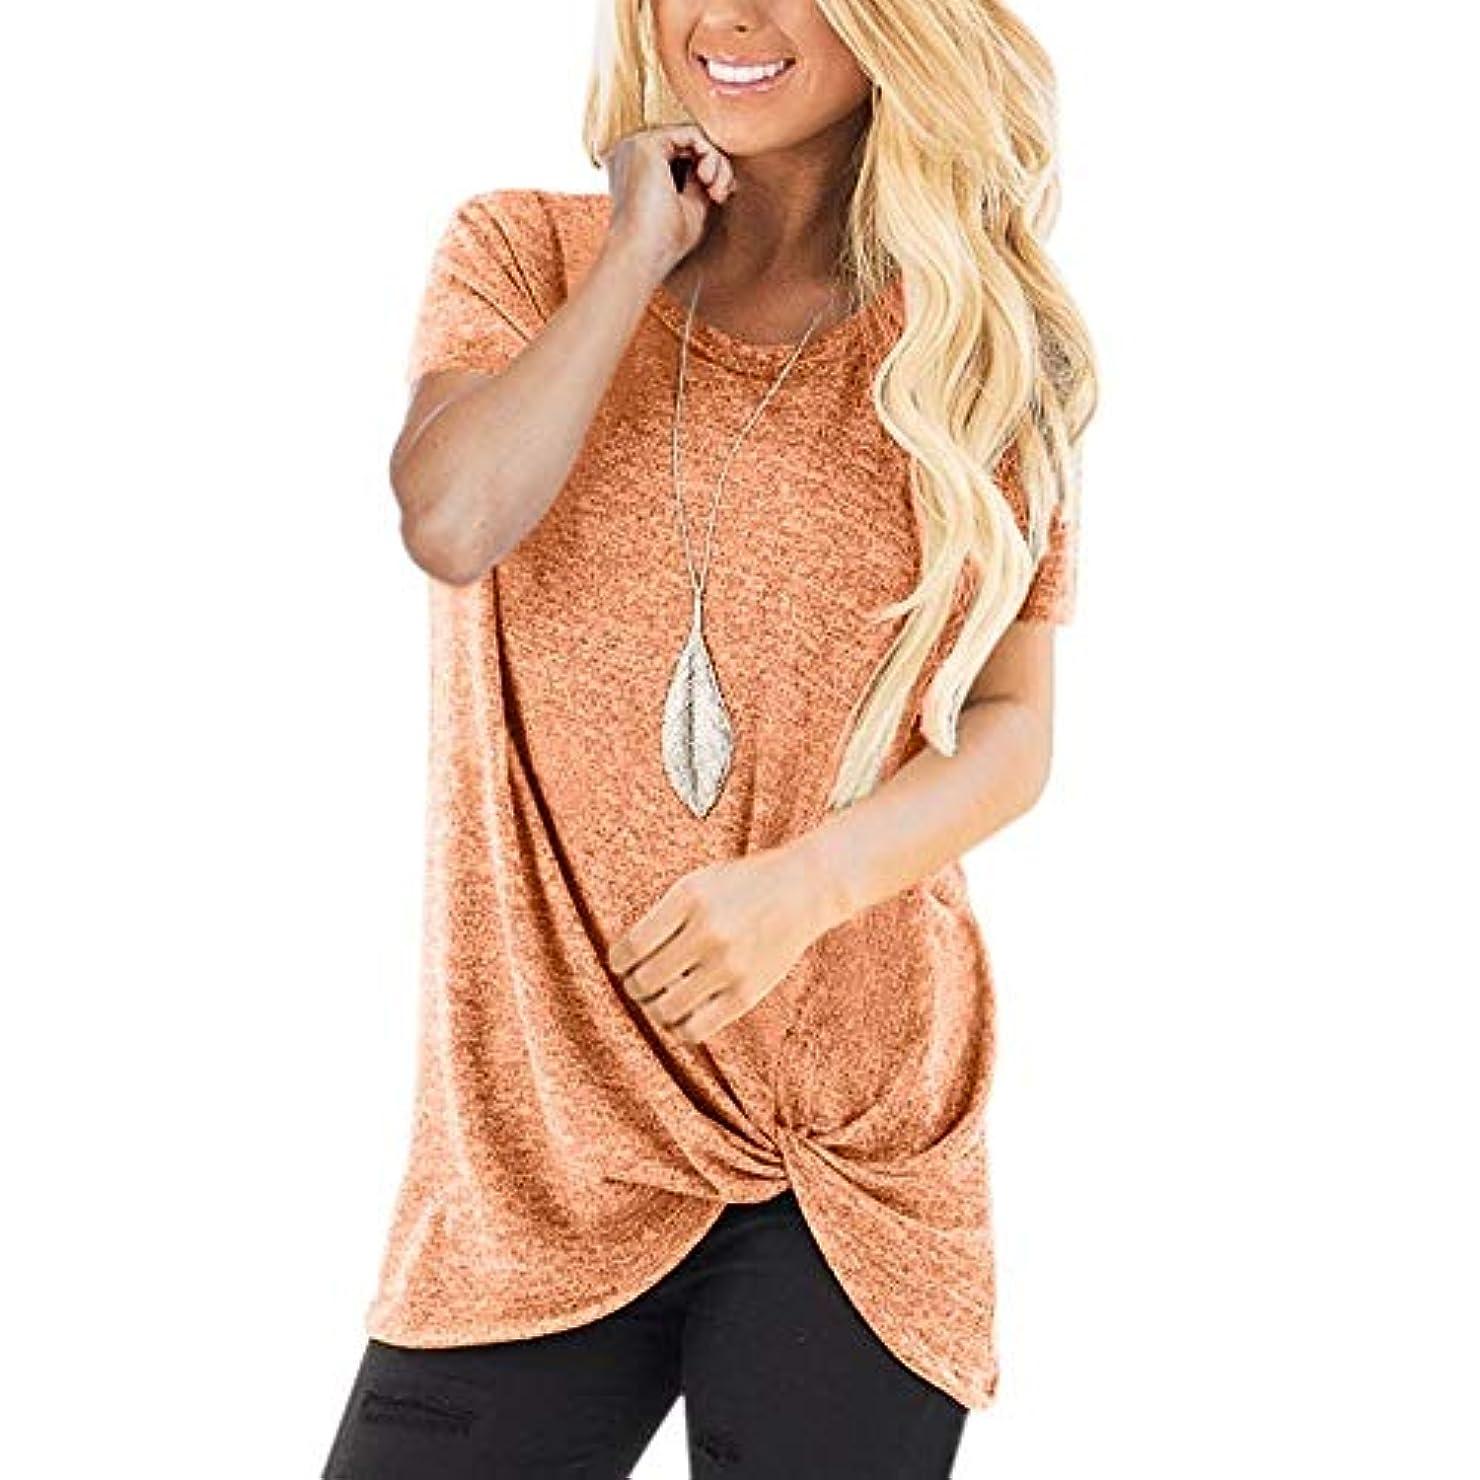 世界モルヒネ修正するMIFAN コットンTシャツ、カジュアルTシャツ、レディースブラウス、トップス&Tシャツ、プラスサイズ、ルーズtシャツ